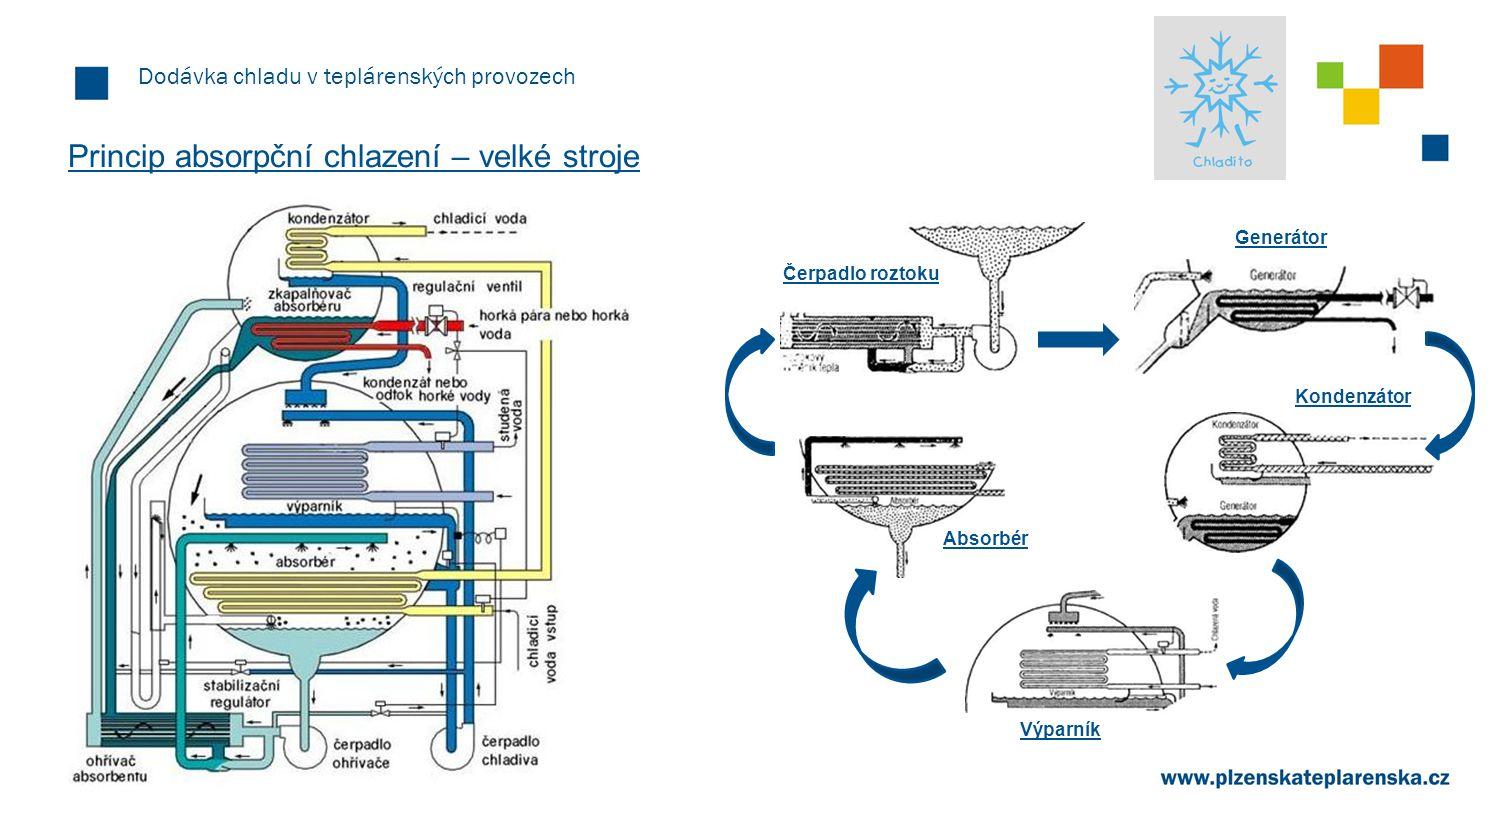 Dodávka chladu v teplárenských provozech Výhody a nevýhody absorpční chlazení Výhody absorpčního chlazení  čistý a spolehlivý proces splňující všechny požadavky na ochranu životního prostředí  prakticky bezhlučný provoz, bez vibrací  vysoká životnost díky minimálnímu počtu pohyblivých dílů  nízké náklady na obsluhu a údržbu  snadná regulace  ve srovnání s kompresorovými systémy až desetinová spotřeba elektrické energie  možnost chlazení i topení pomocí jednoho agregátu a jedné přípojky Nevýhody absorpčního chlazení  vyšší pořizovací náklady  větší rozměry a hmotnost ve srovnání s kompresorovými systémy